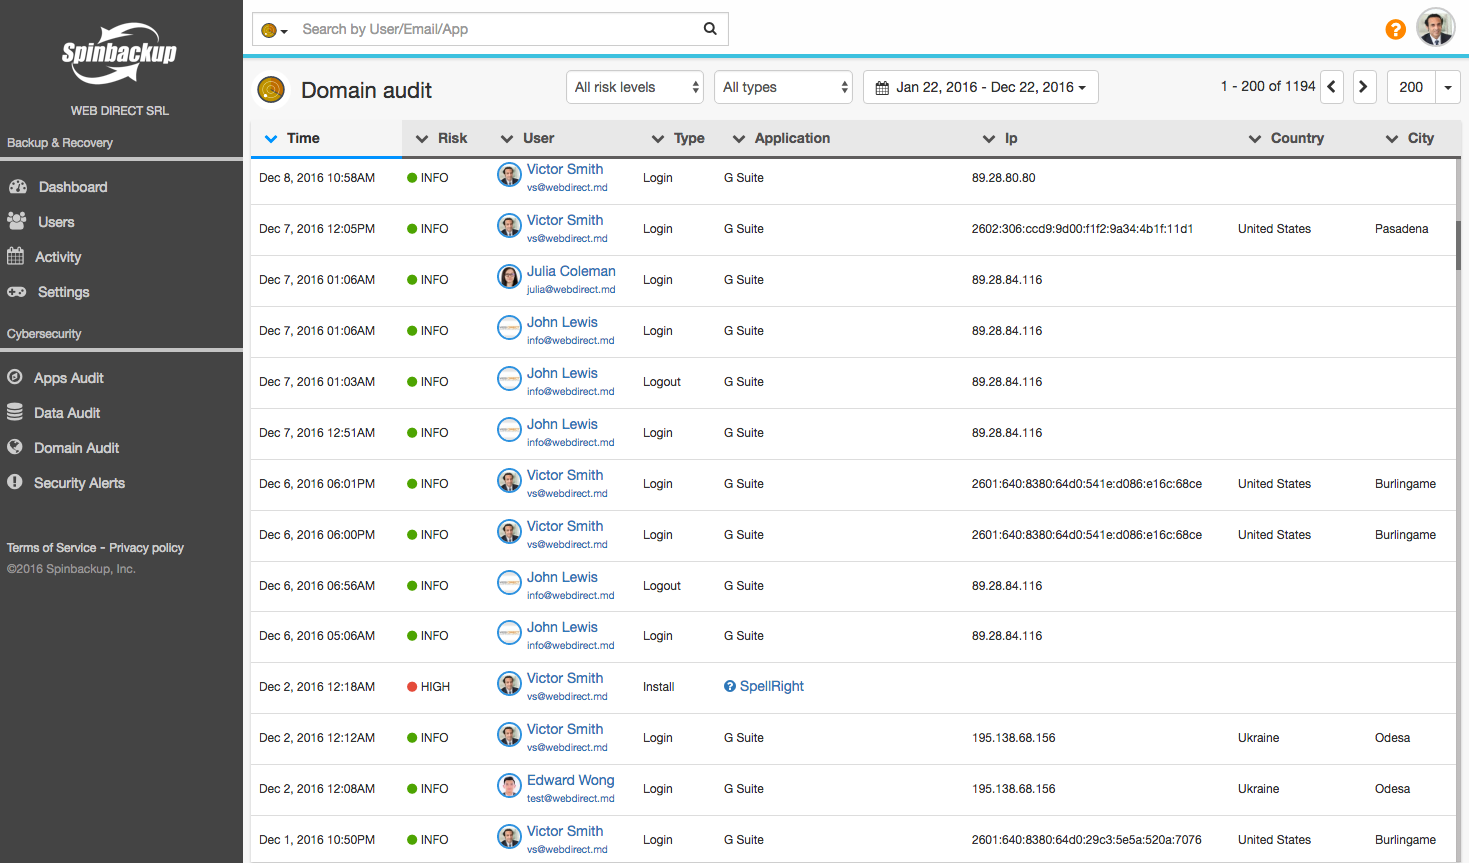 Spinbackup Software - Domain audit